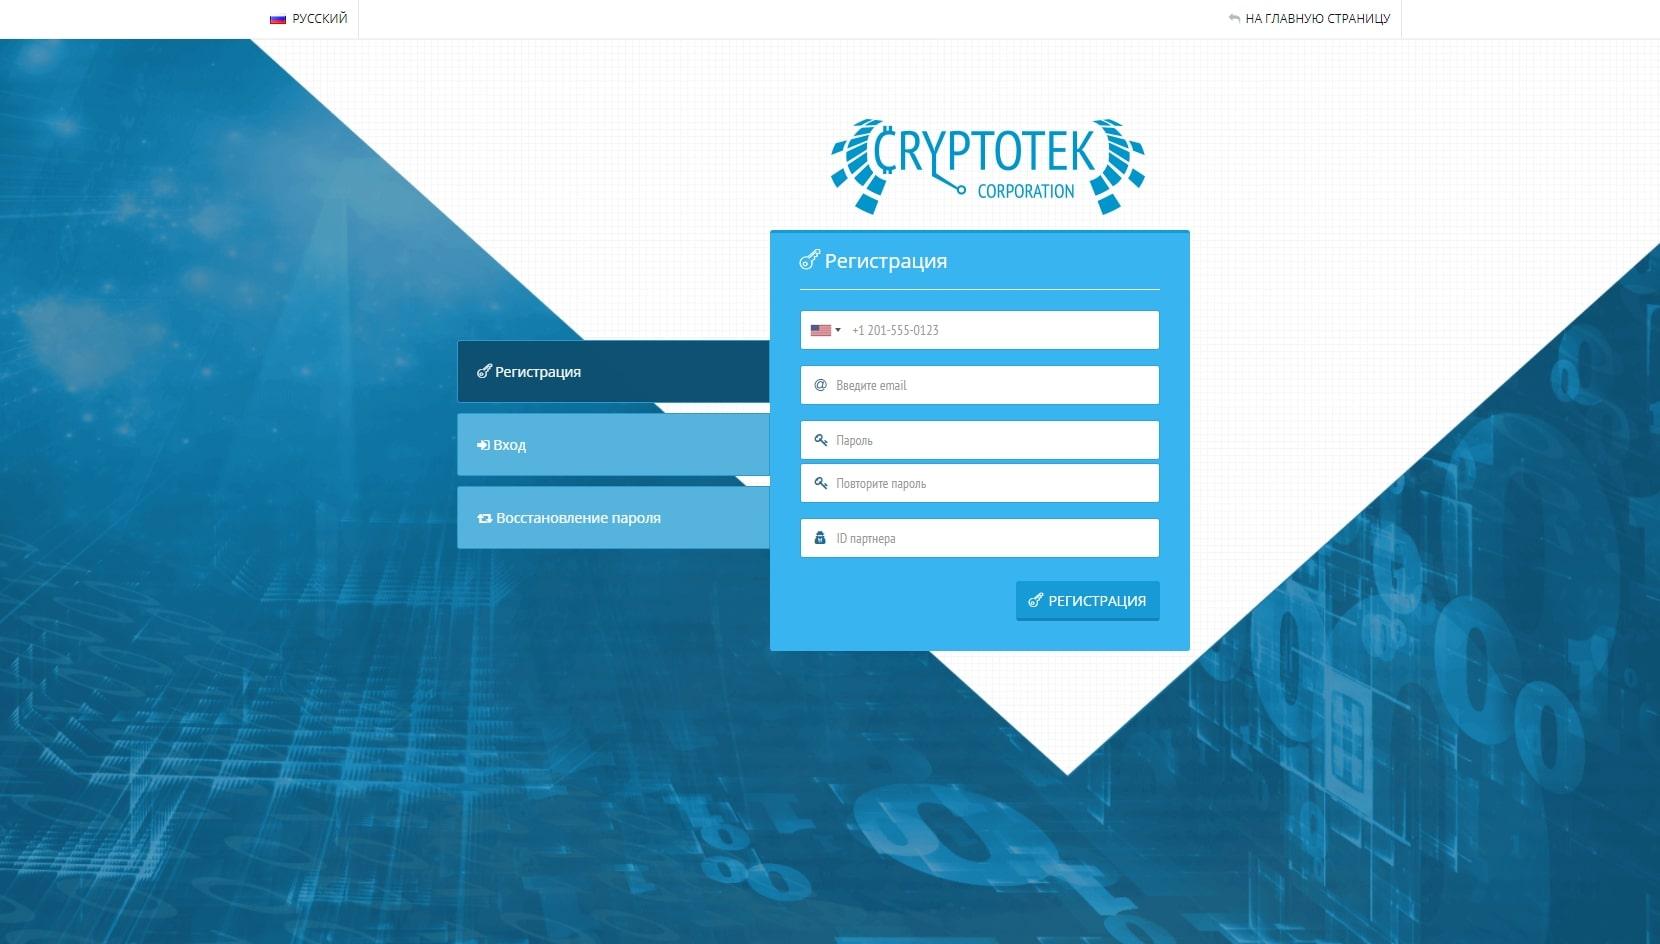 Регистрация на сервисе Cryptotek